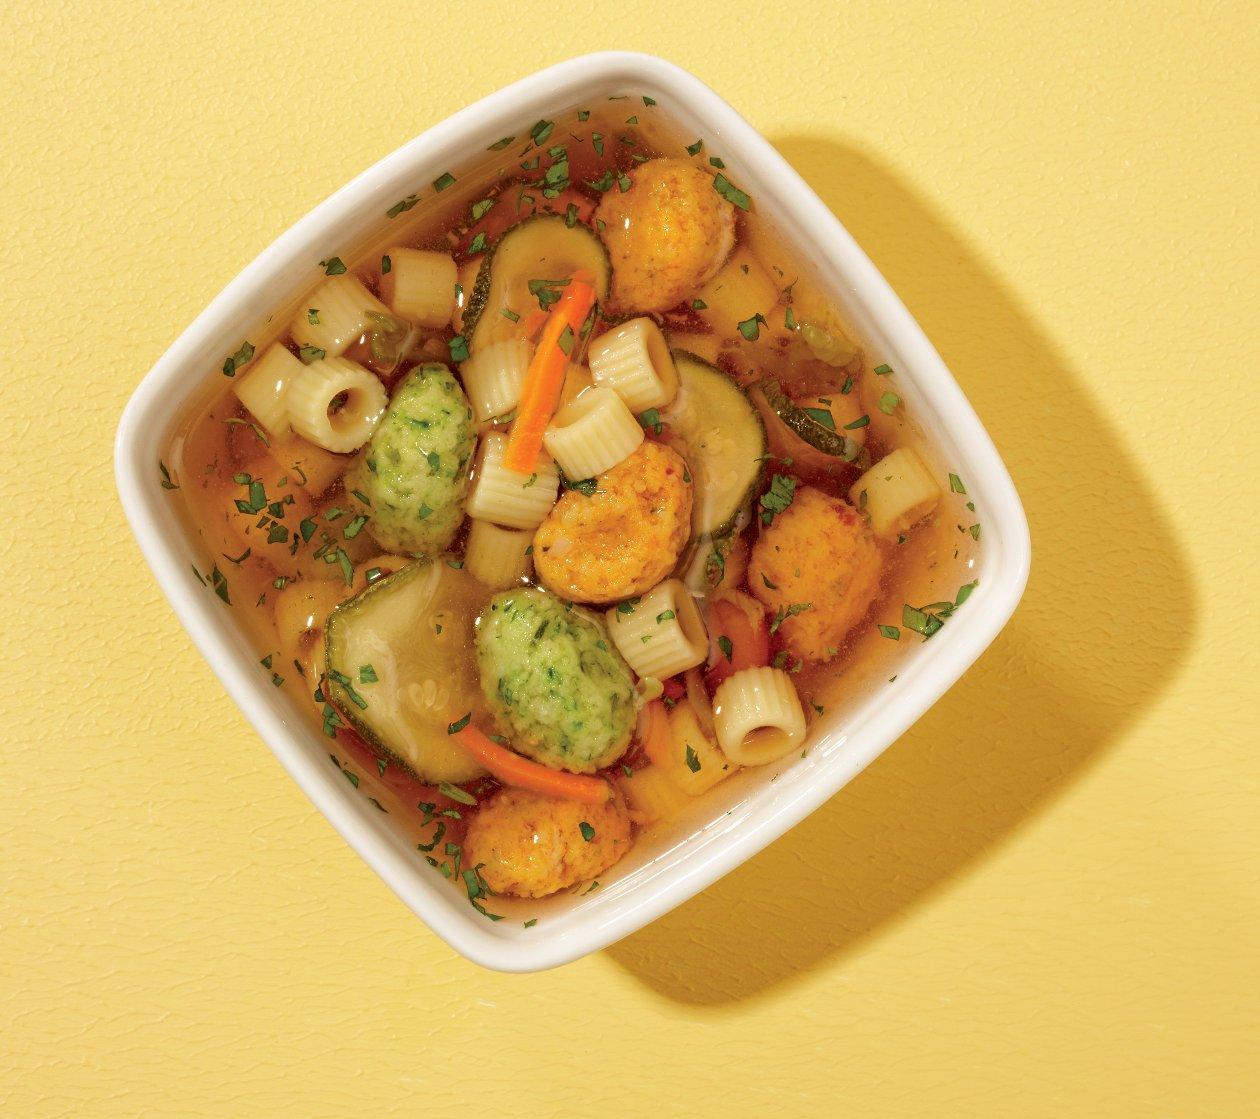 Nudelsuppe mit Tomaten-Kräuter-Klößchen